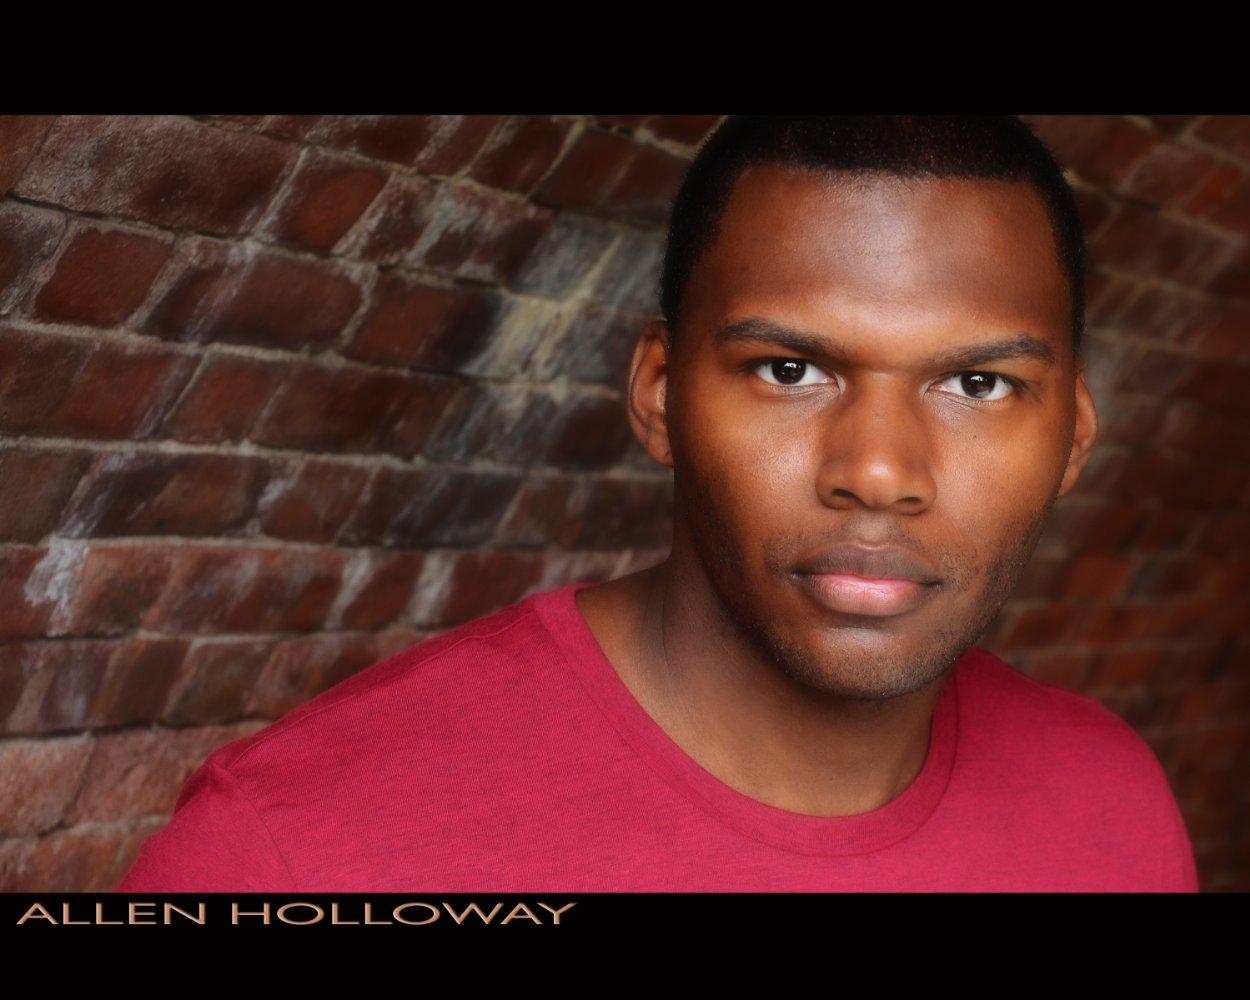 Allen Holloway